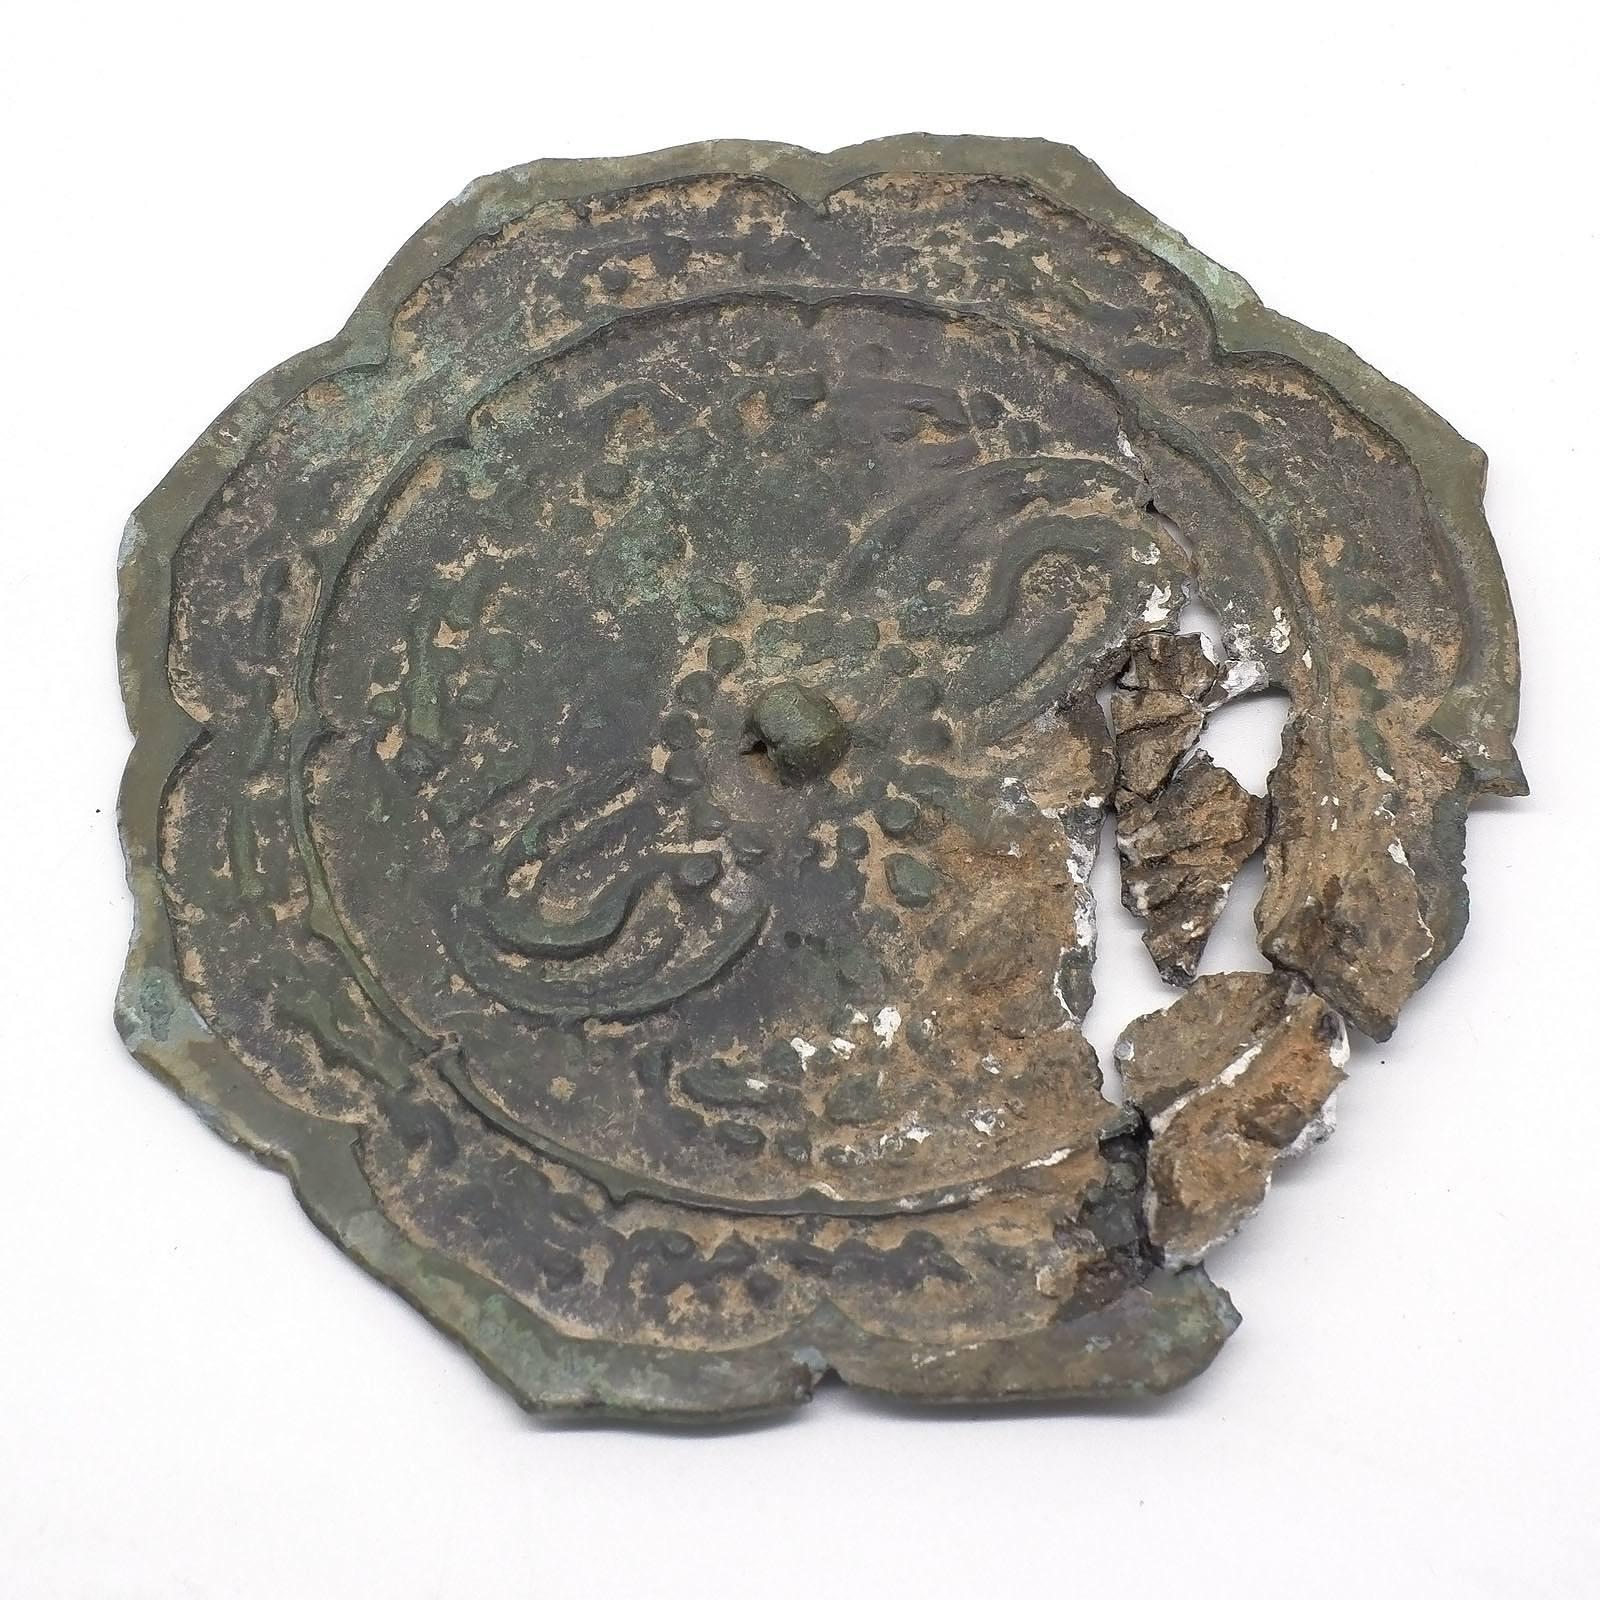 'Rare Chinese Tang Dynasty Bronze Octofoil Mirror Circa 618-907'